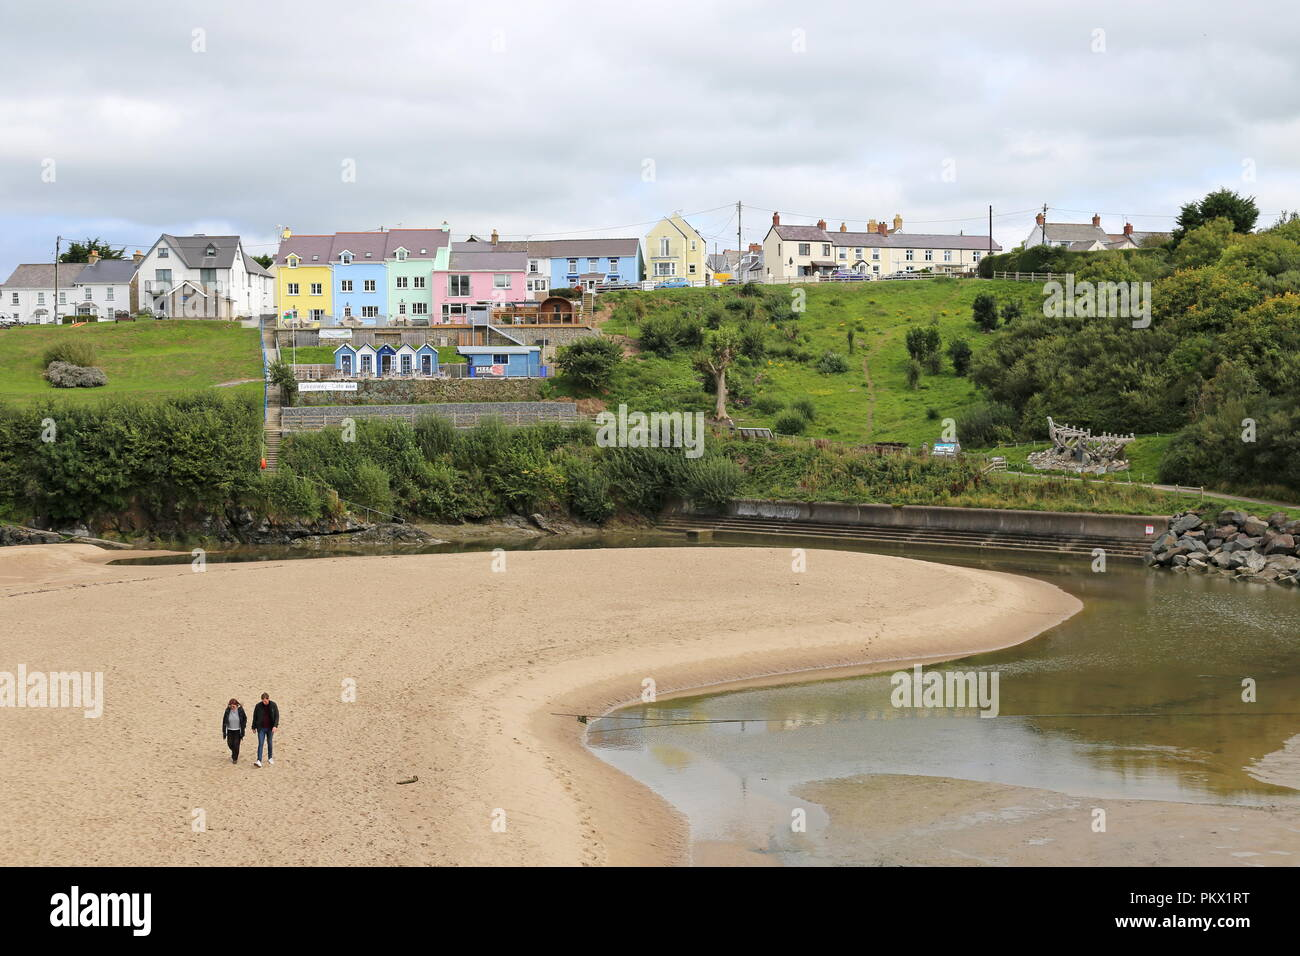 Dyffryn beach, Aberporth, Cardigan Bay, Ceredigion, Wales, Great Britain, United Kingdom, UK, Europe - Stock Image